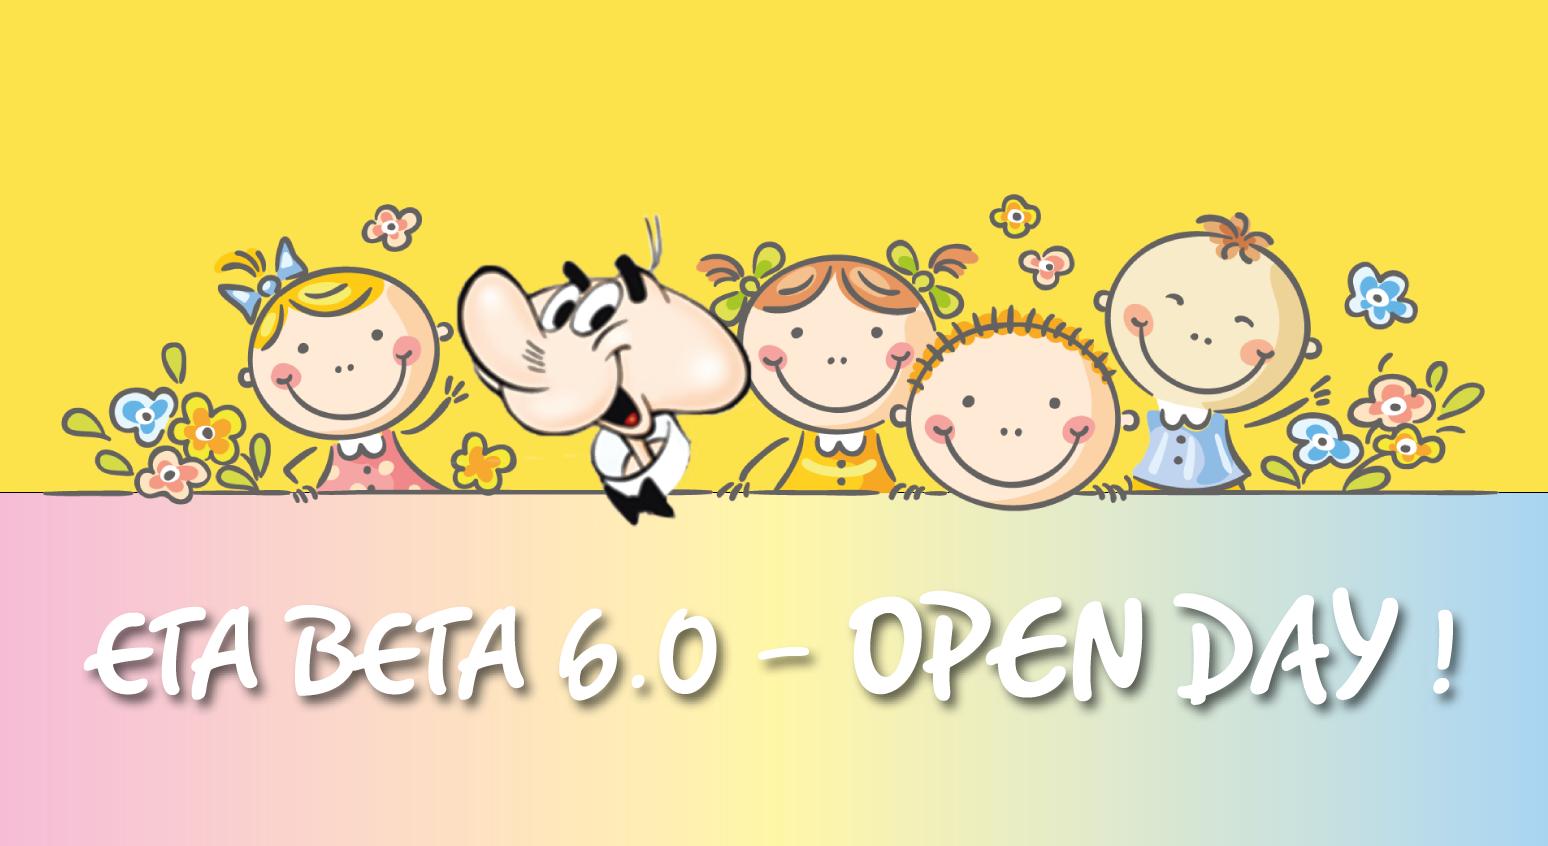 OpenDay Eta Beta 6.0, l'asilo del futuro!